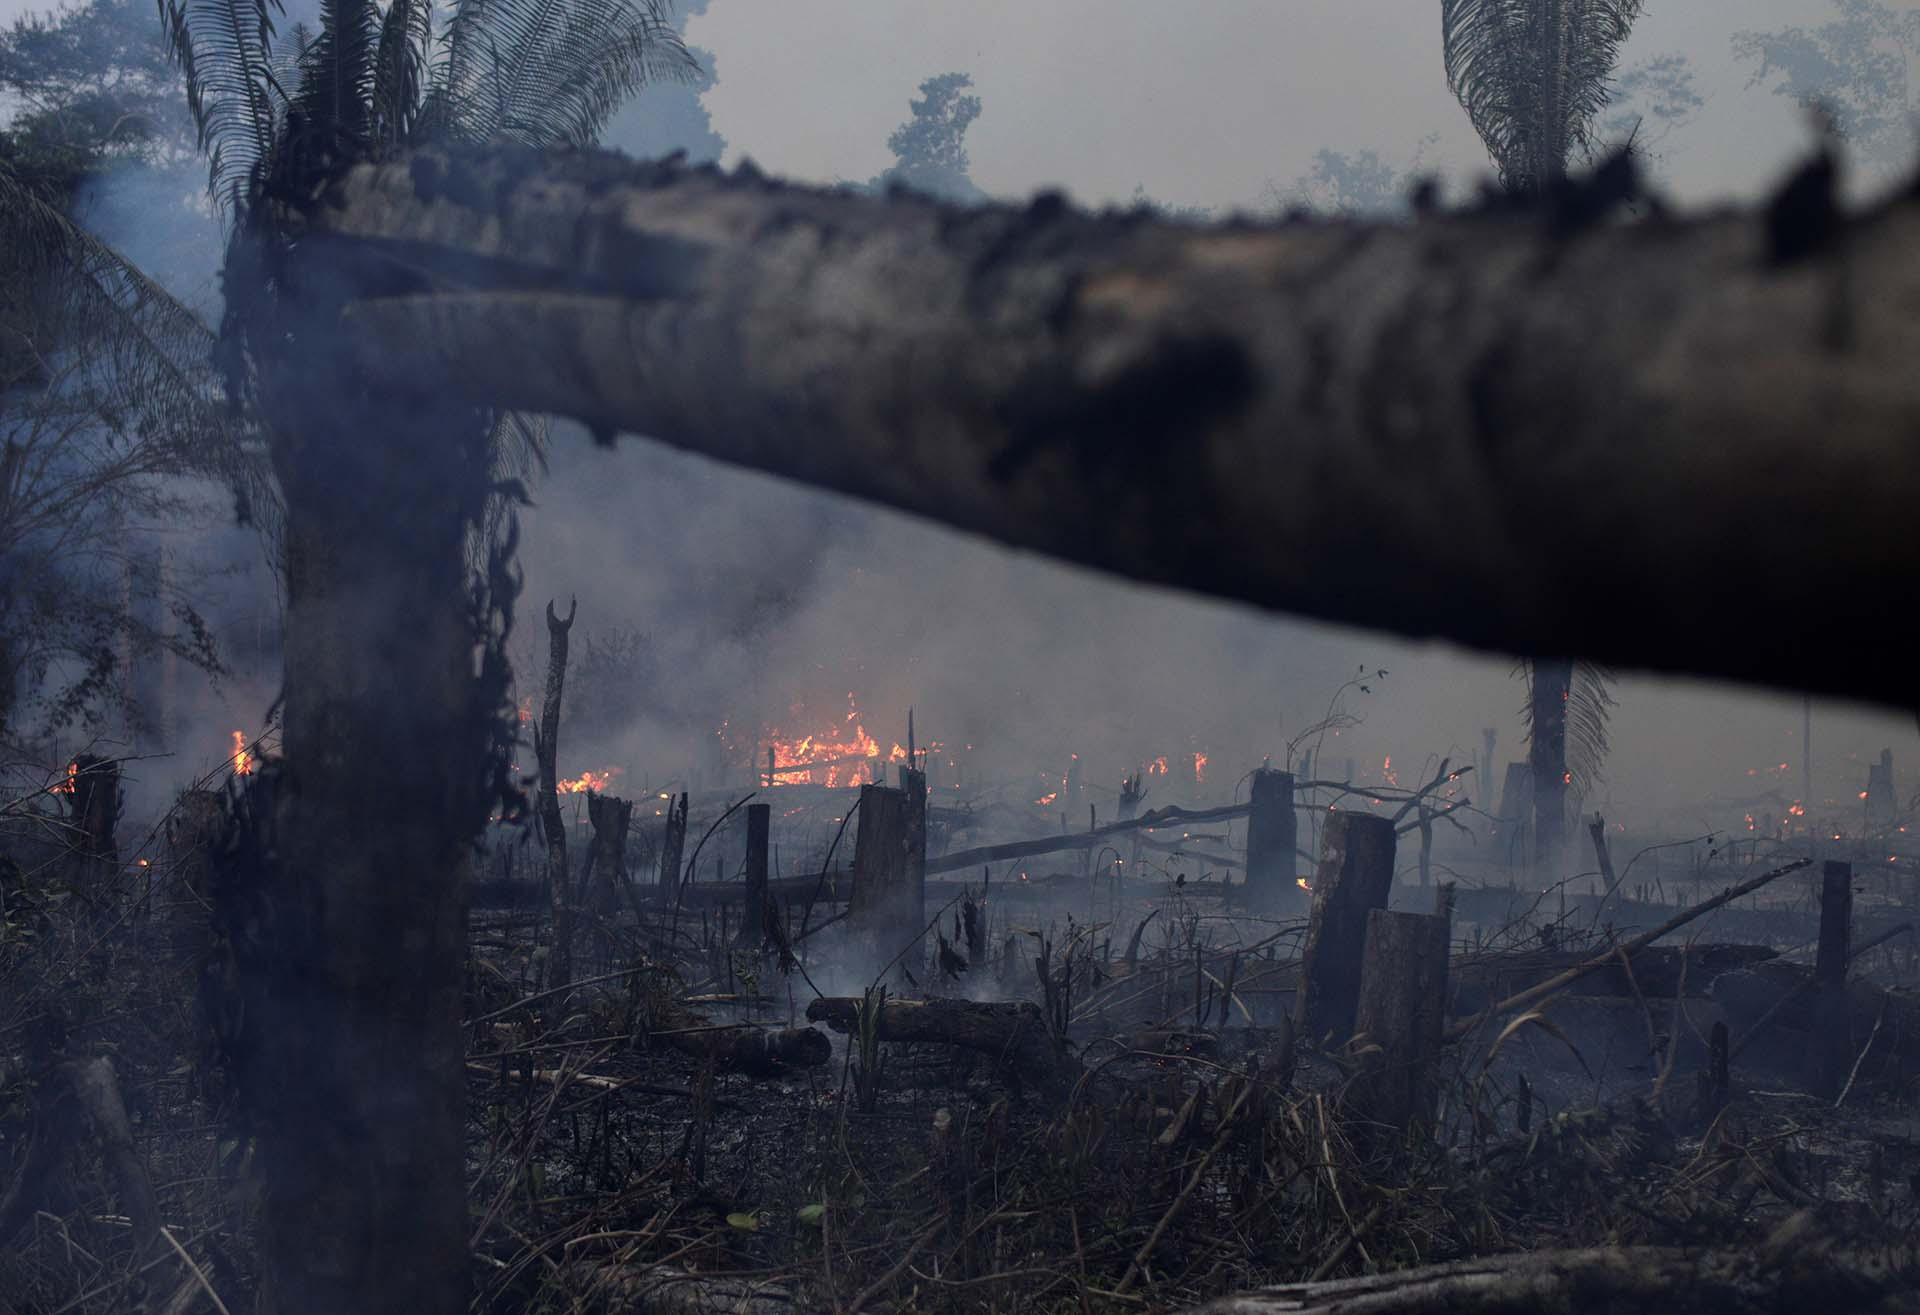 Grupos activistas apuntaron contra el gobierno de Jair Bolsonaro por los incendios